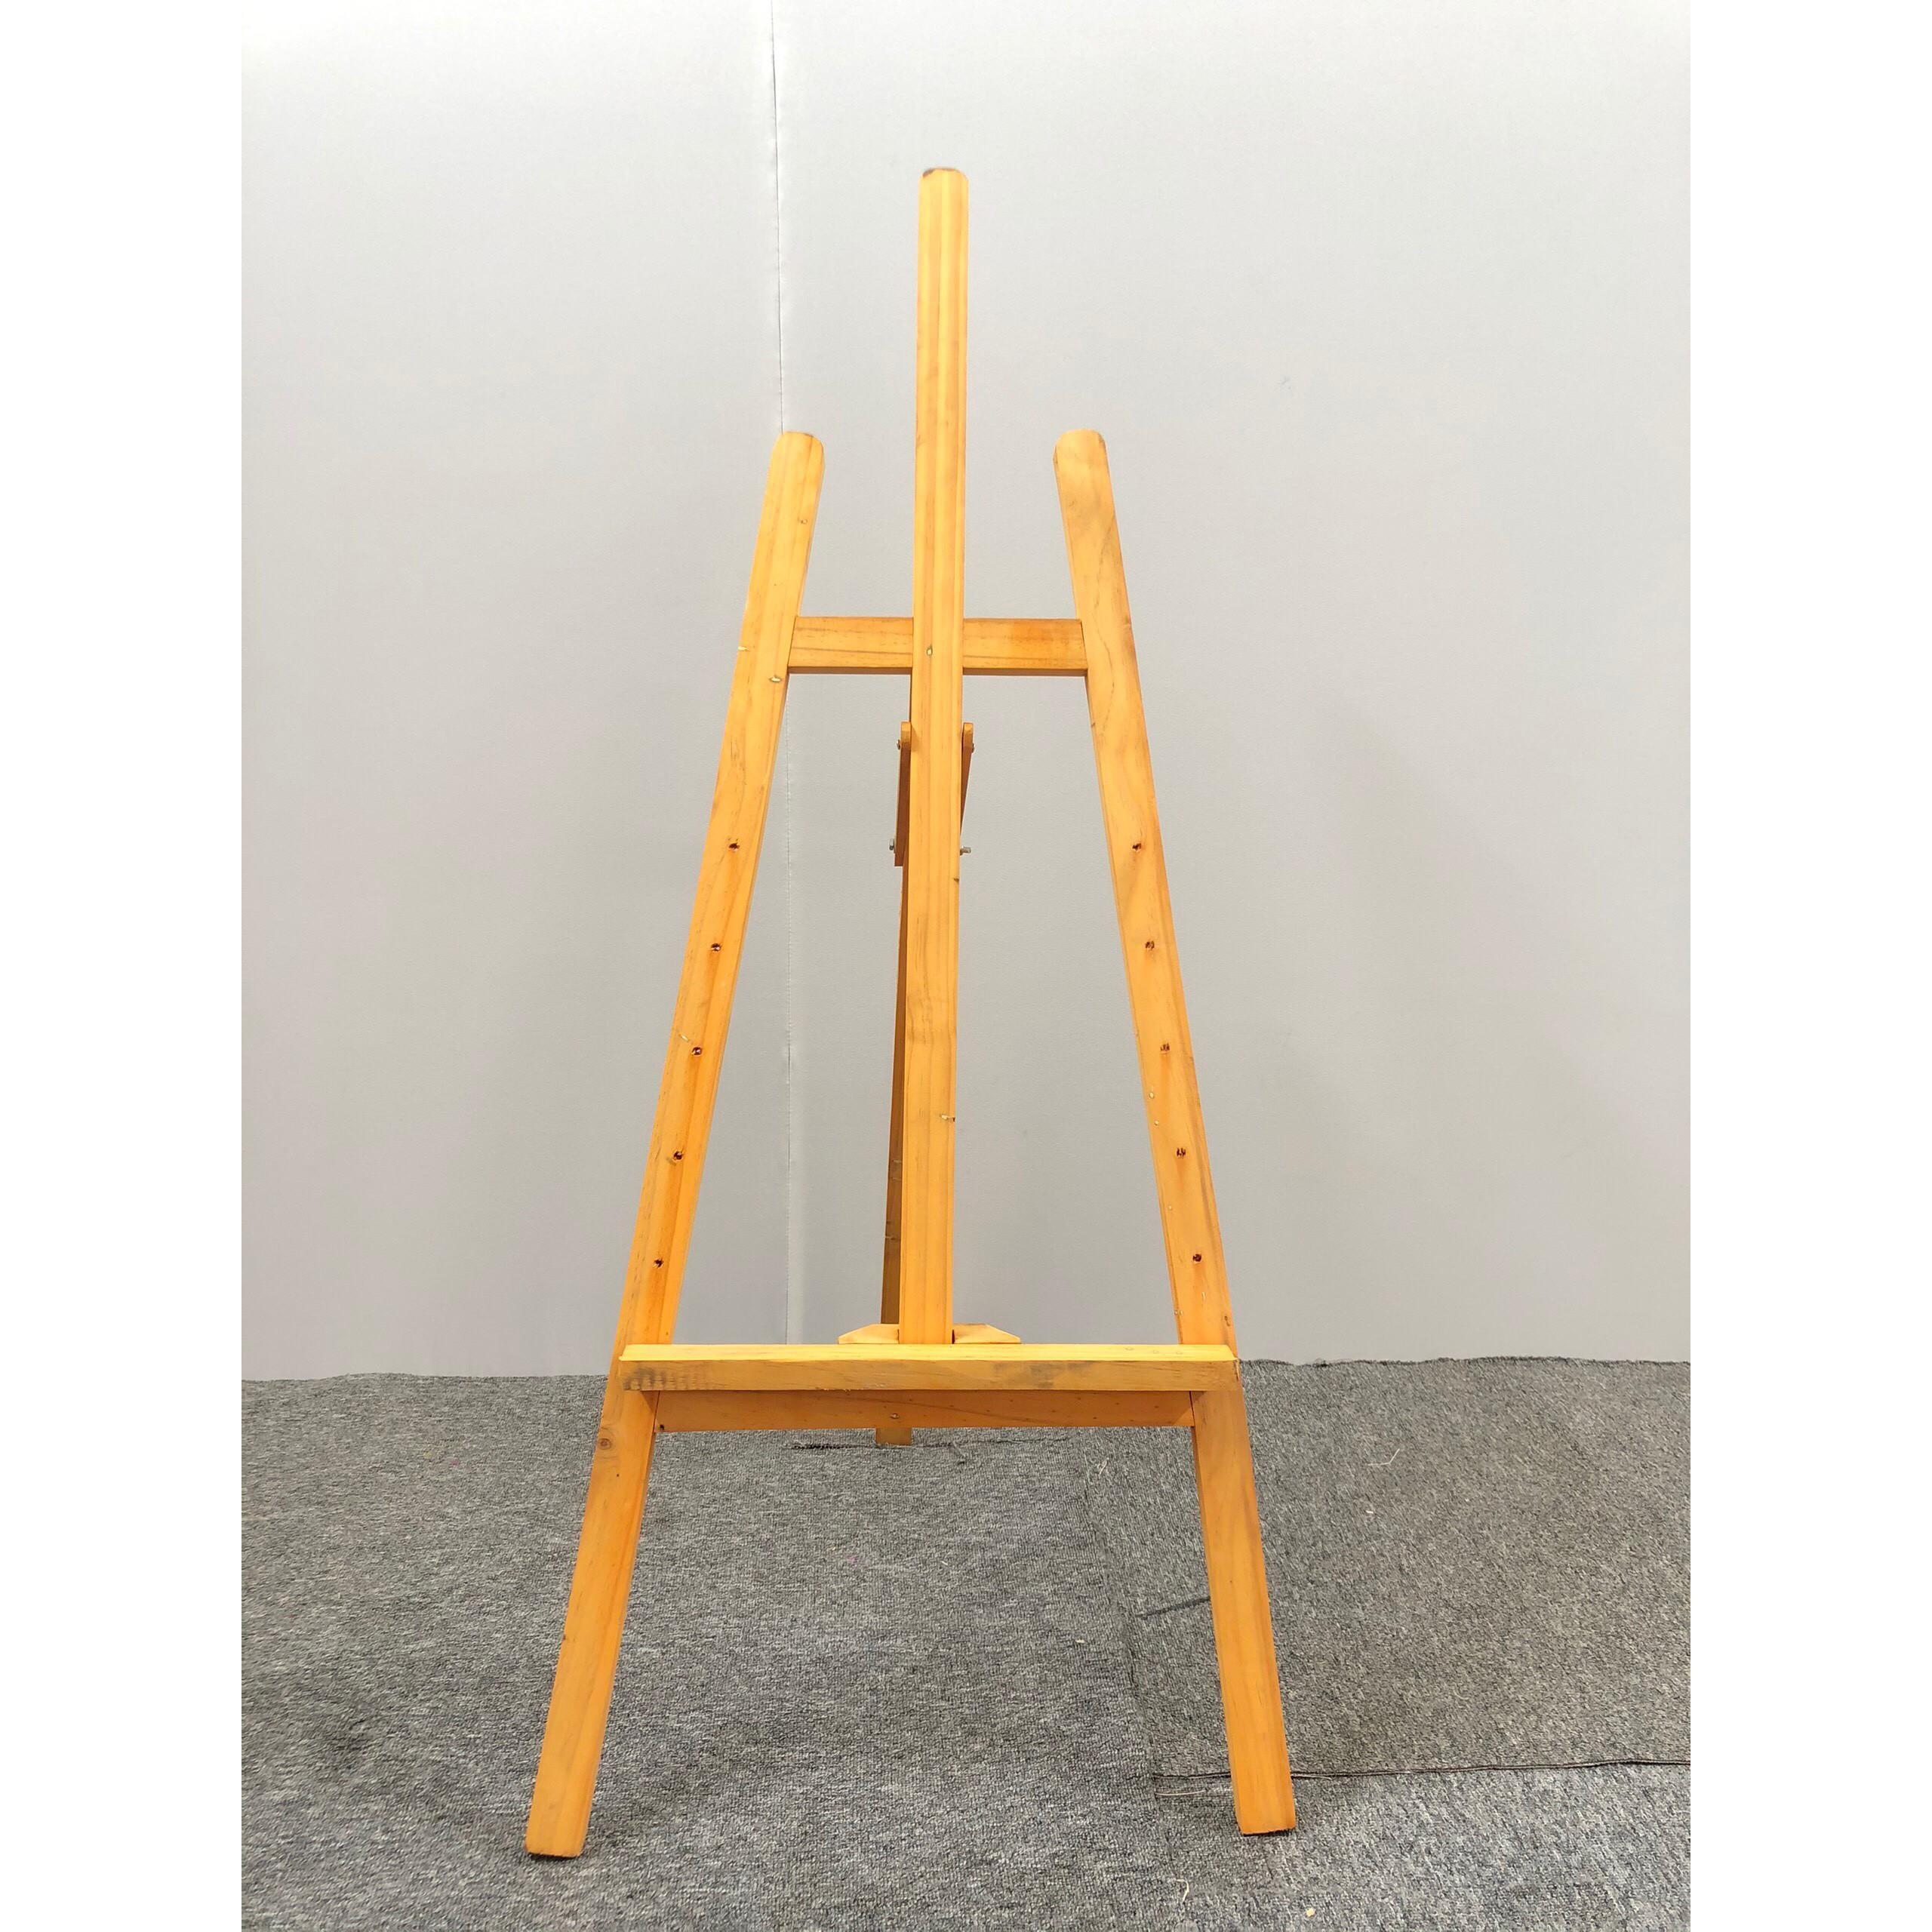 Giá vẽ tranh khung gỗ sồi (cỡ trung) - BH53